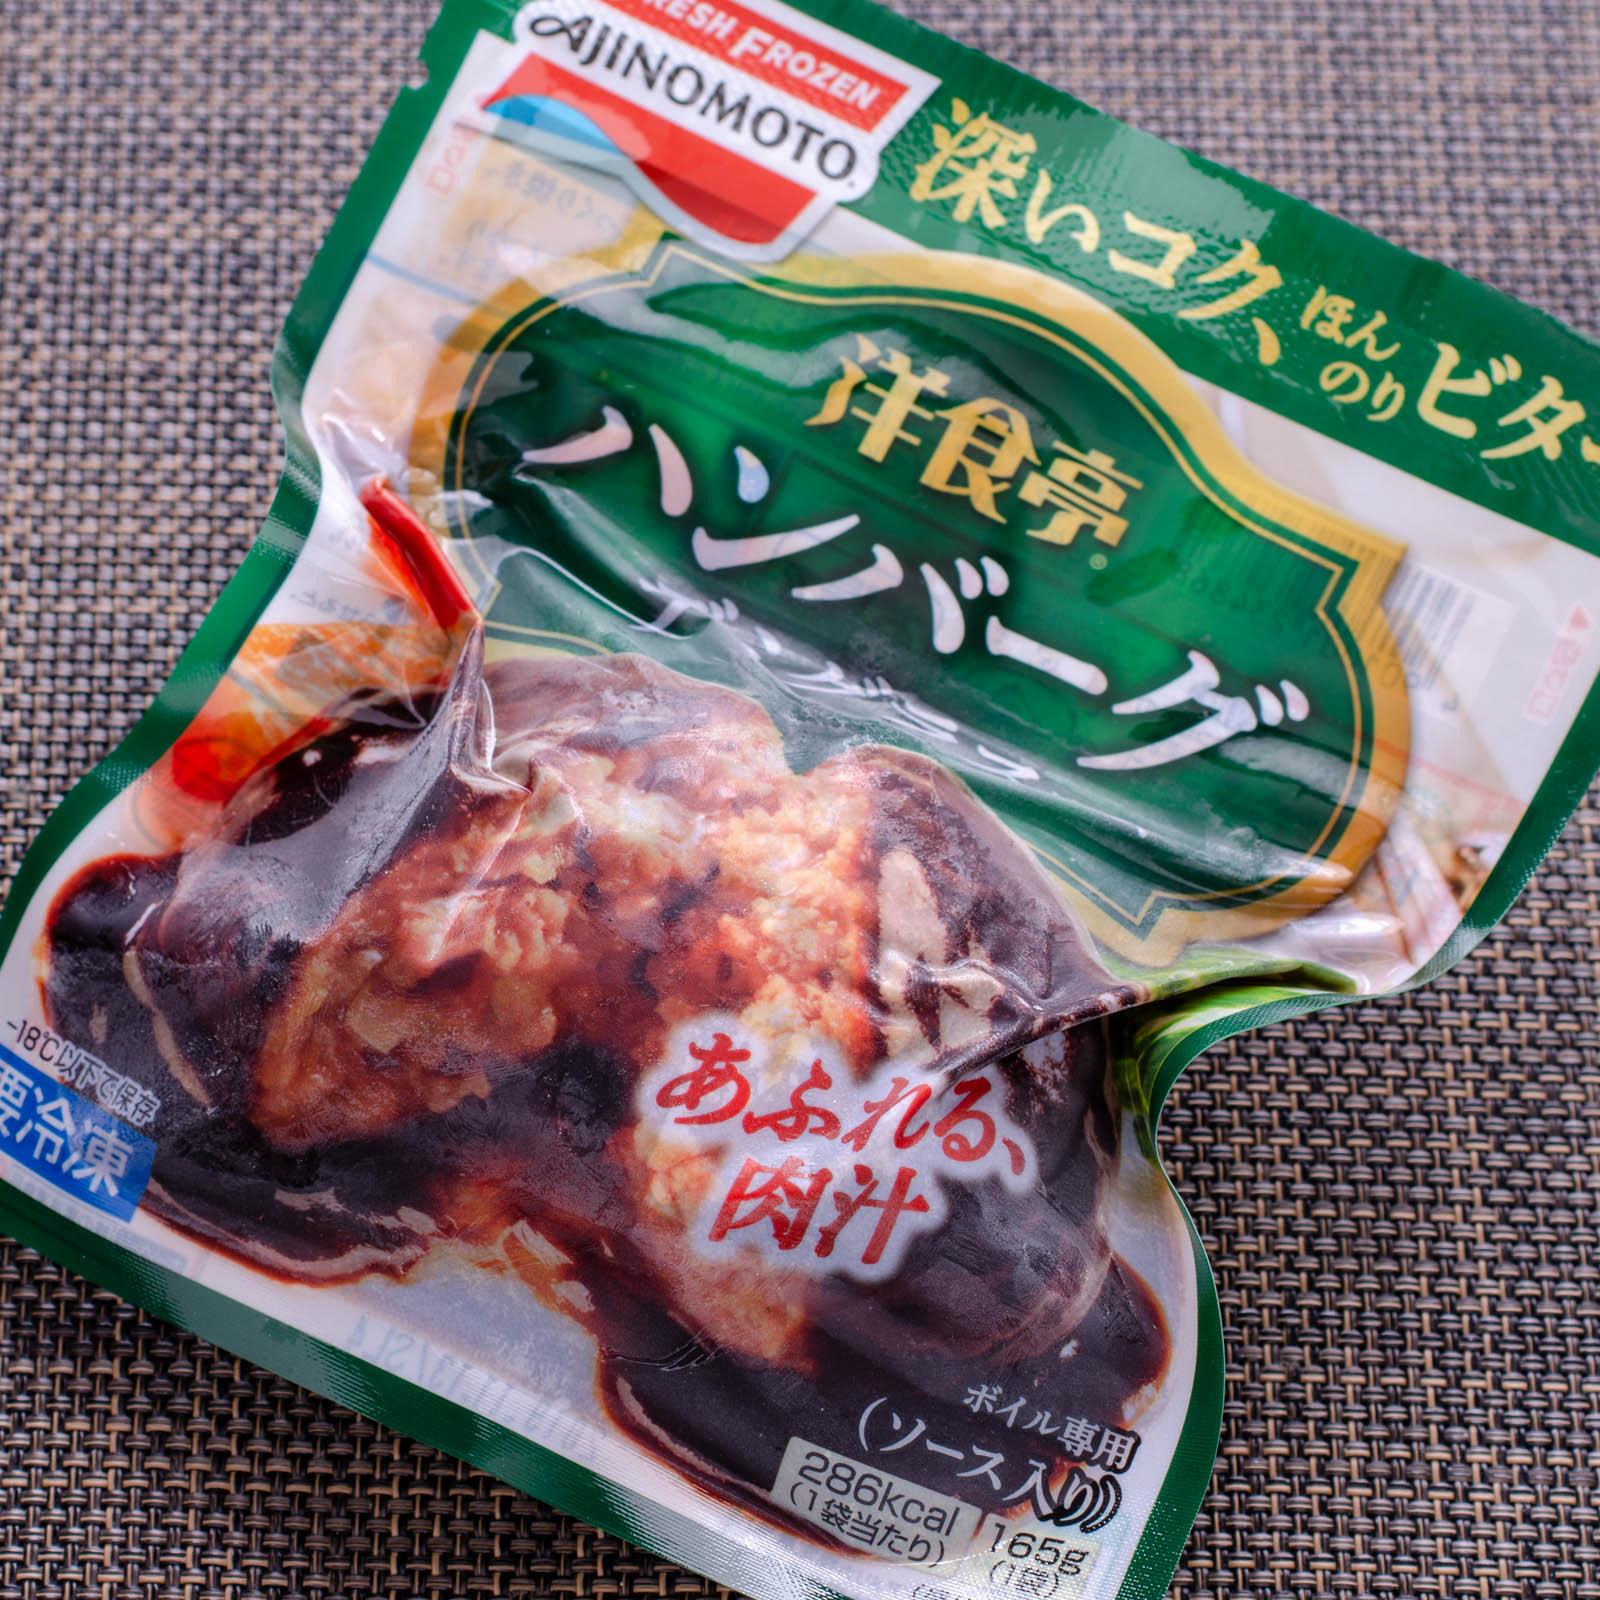 味の素「洋食亭」ハンバーグ198円(税別)撮影:NIKON D7000 + SIGAMA 50mm